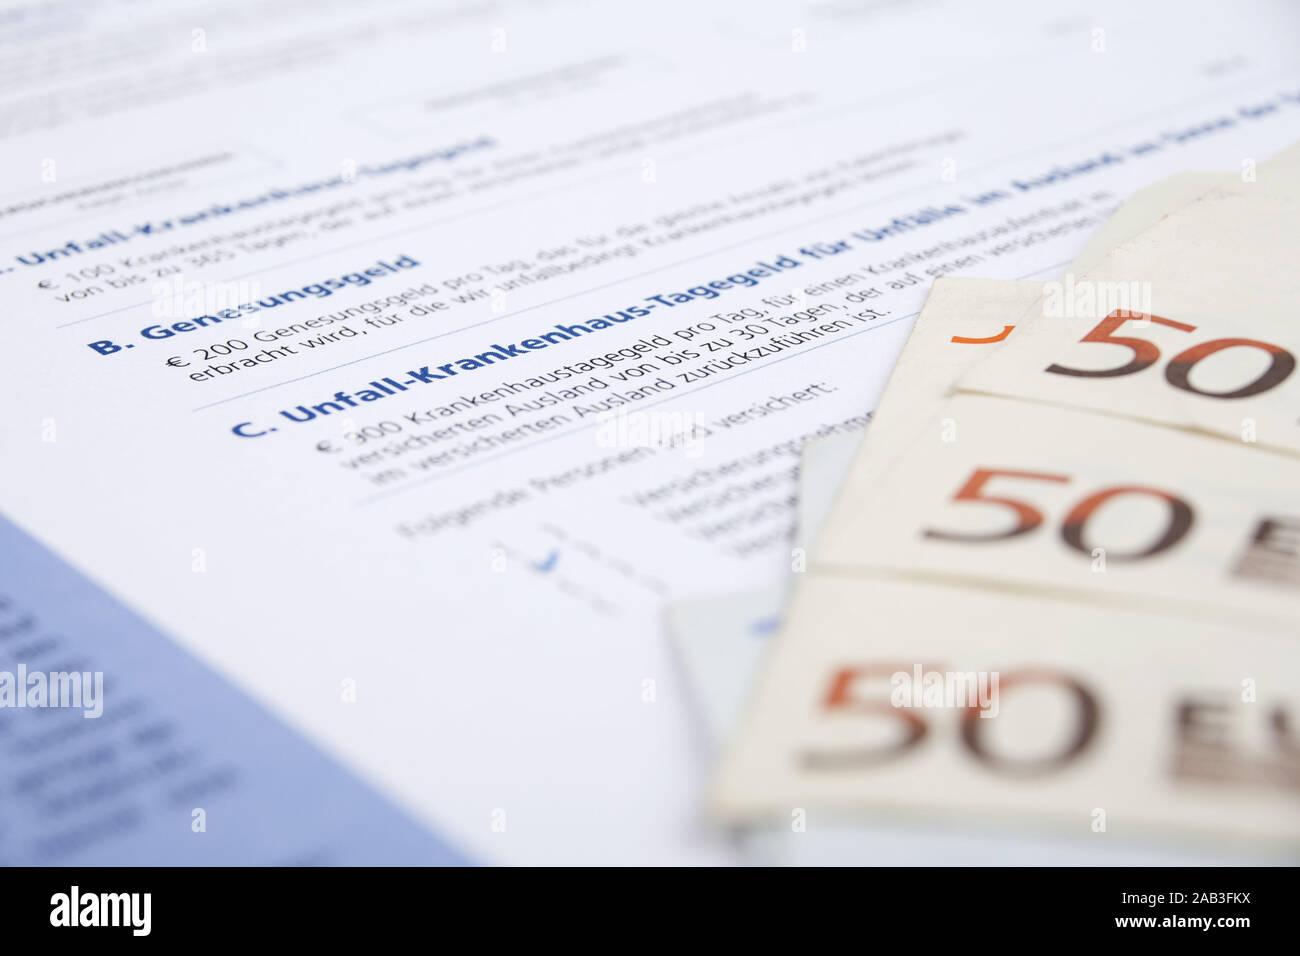 Versicherungsschein einer Unfallversicherung mit Geldscheinen  Insurance policy of accident insurance with bank notes  Stock Photo